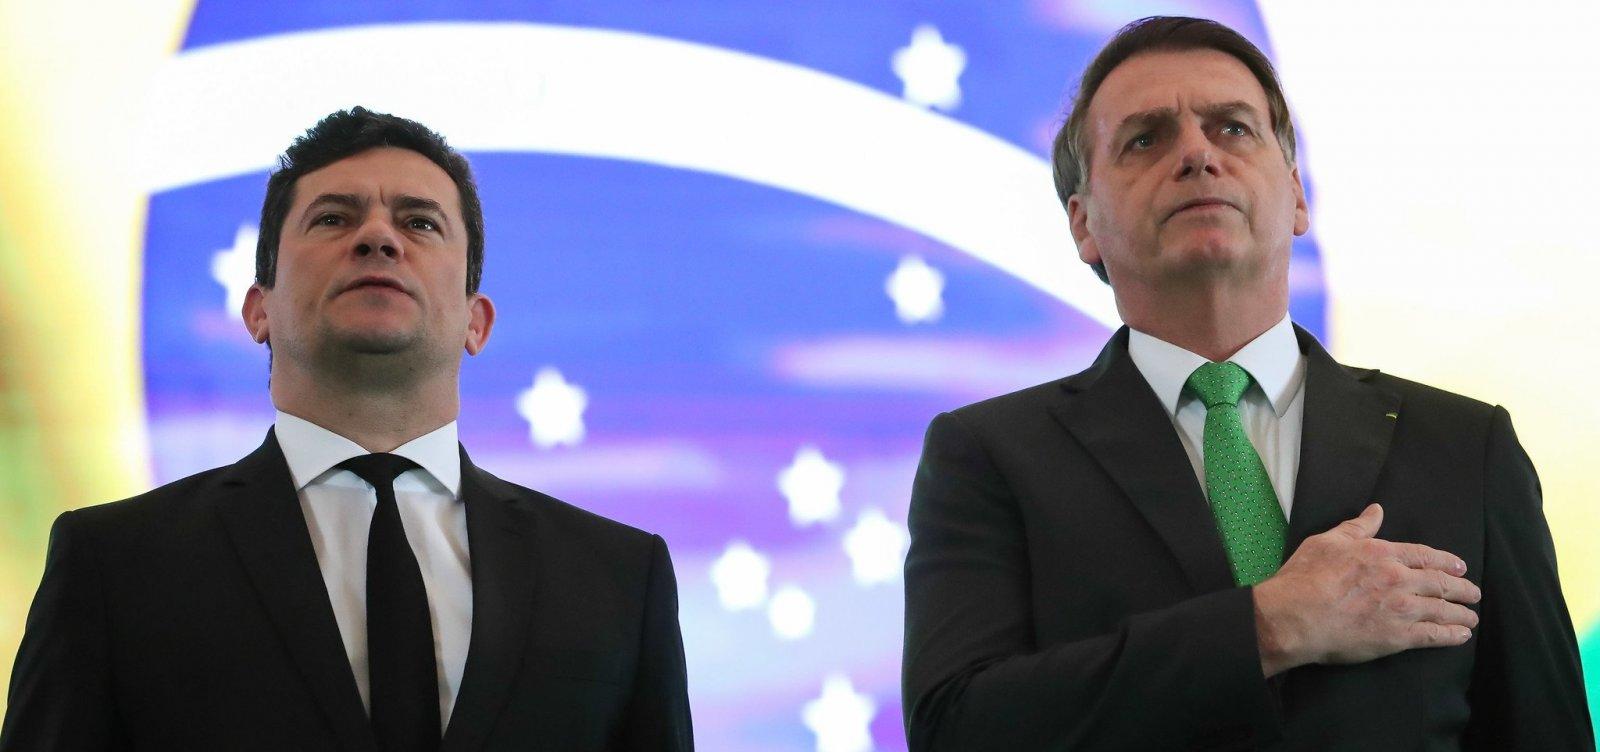 ['Decisão do STF deve ser respeitada, mas pode ser alterada', diz Sérgio Moro]